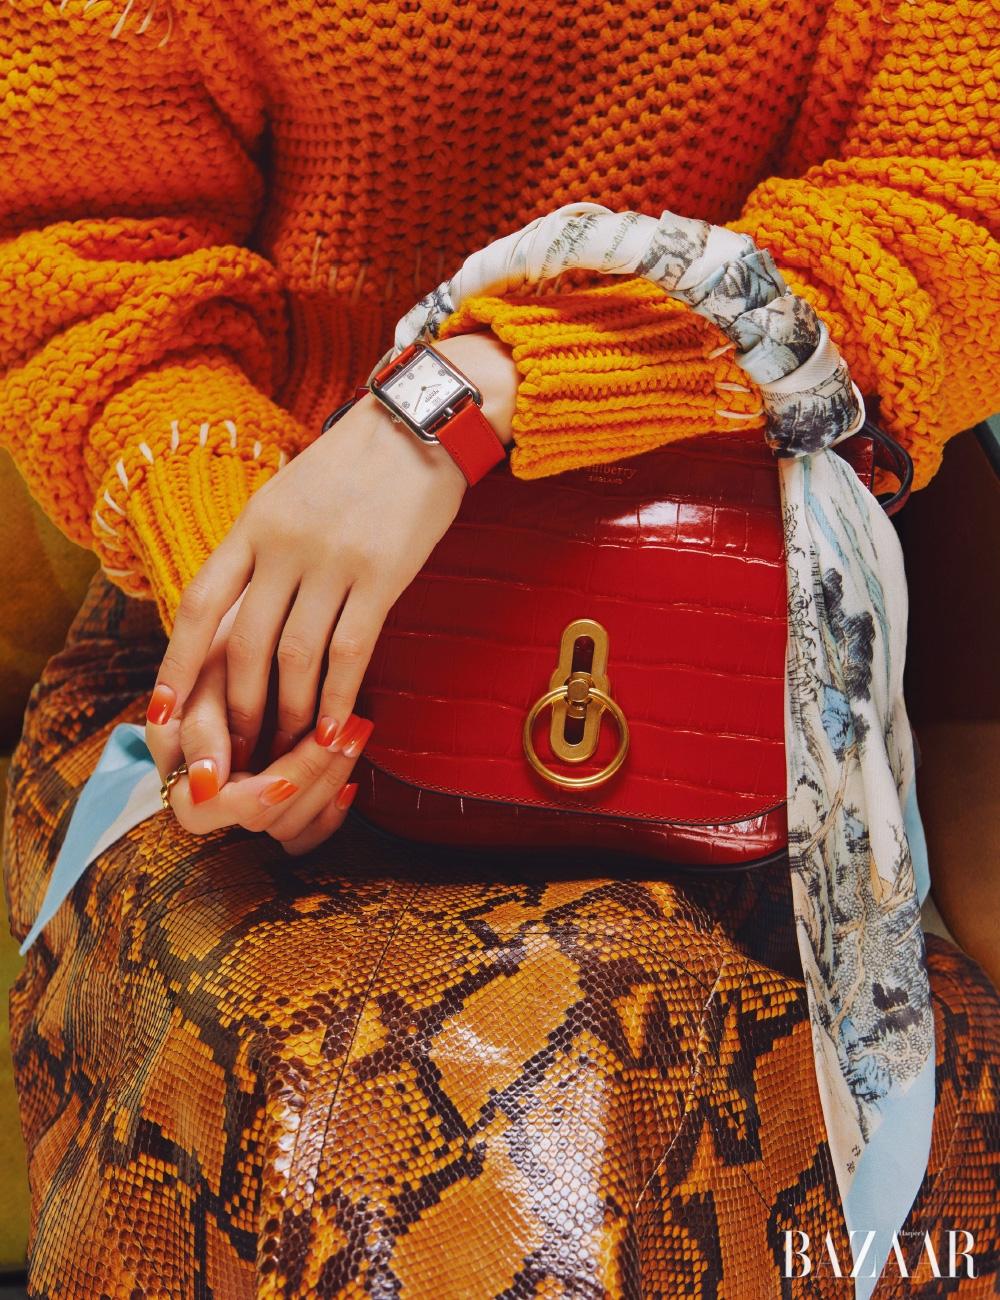 니트는 11만9천원 H&M Studio, 스커트는 가격 미정 Miu Miu, 토트백은 1백59만9천원 Murberry, 시계는 가격 미정 Hermès, 반지는 19만8천원Jem & Pebbles.